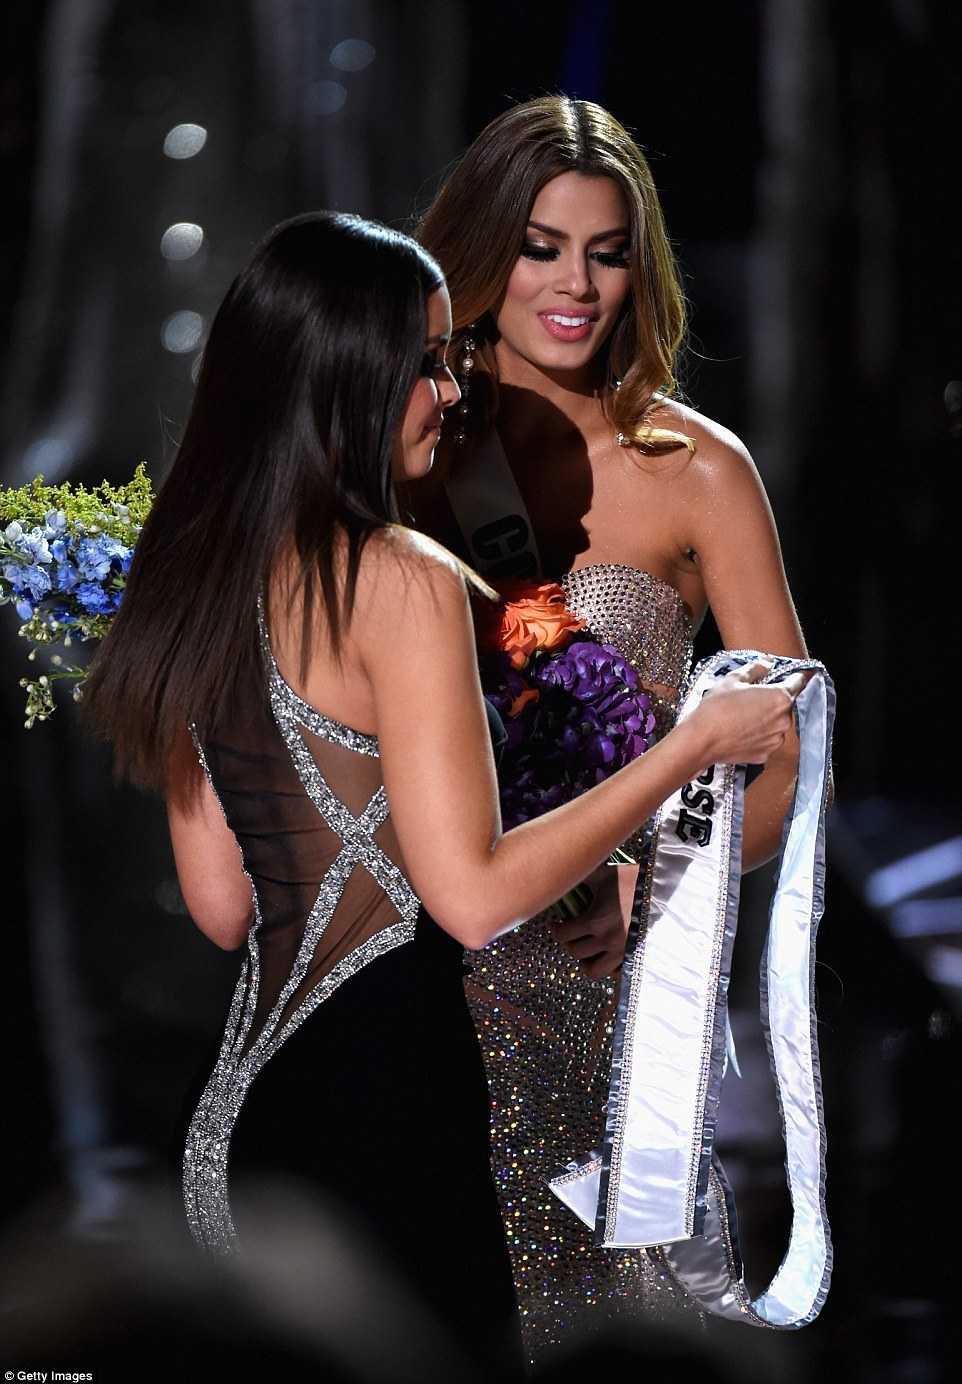 Ê chề hơn khi dải băng Miss Universe 2015 cũng bị lấy lại ngay trên sân khấu